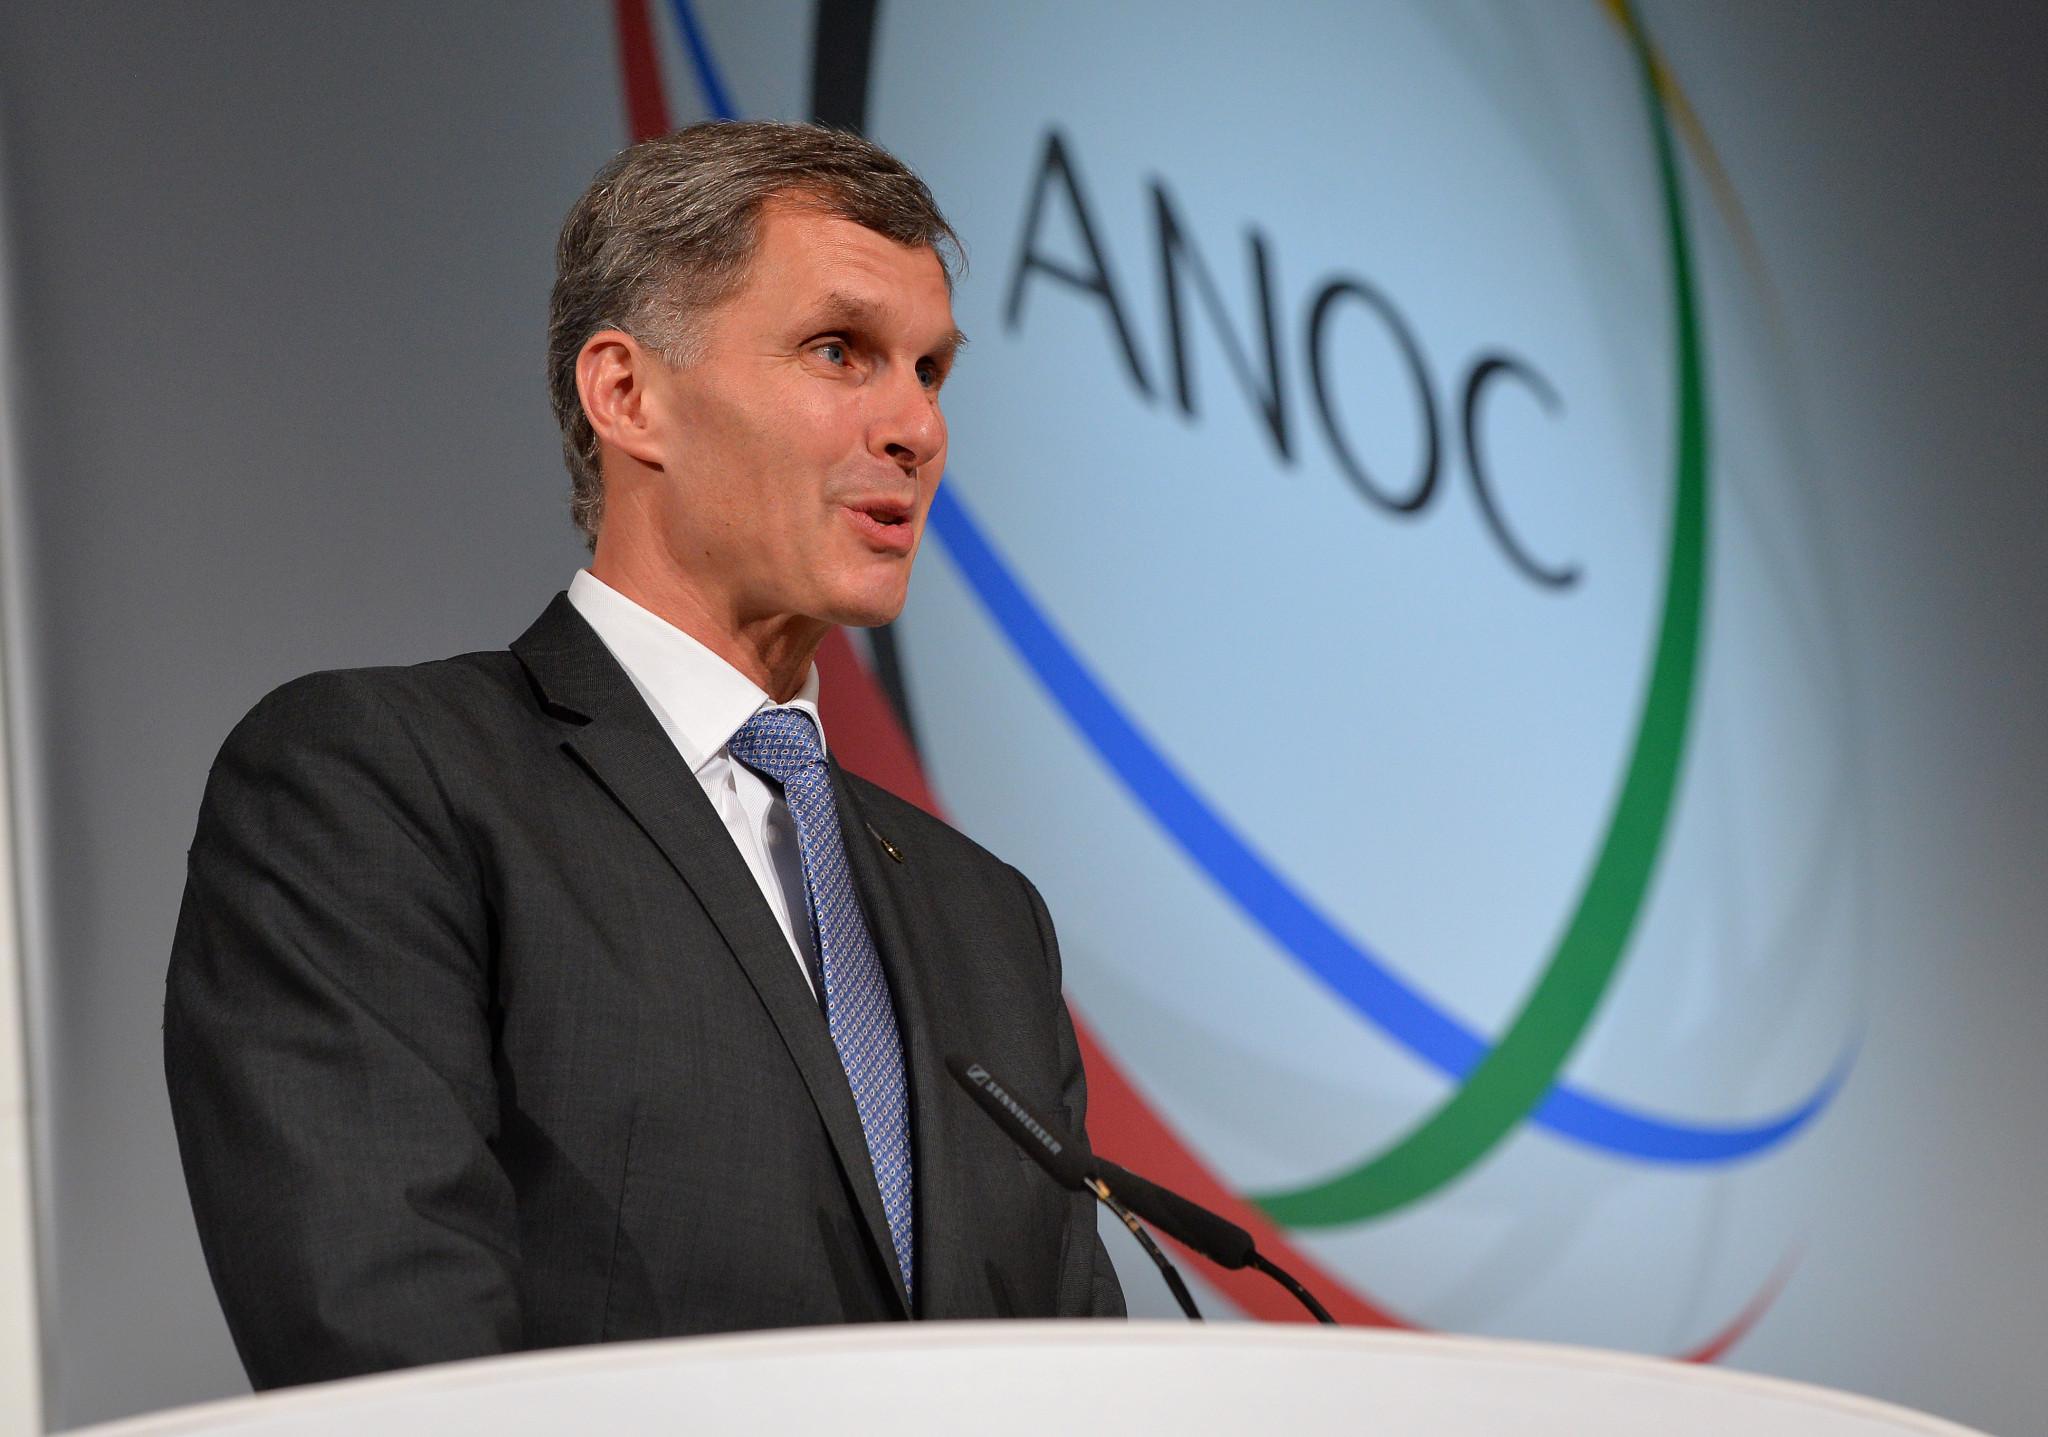 Jiří Kejval has been Czech Olympic Committee President since 2012 ©ANOC